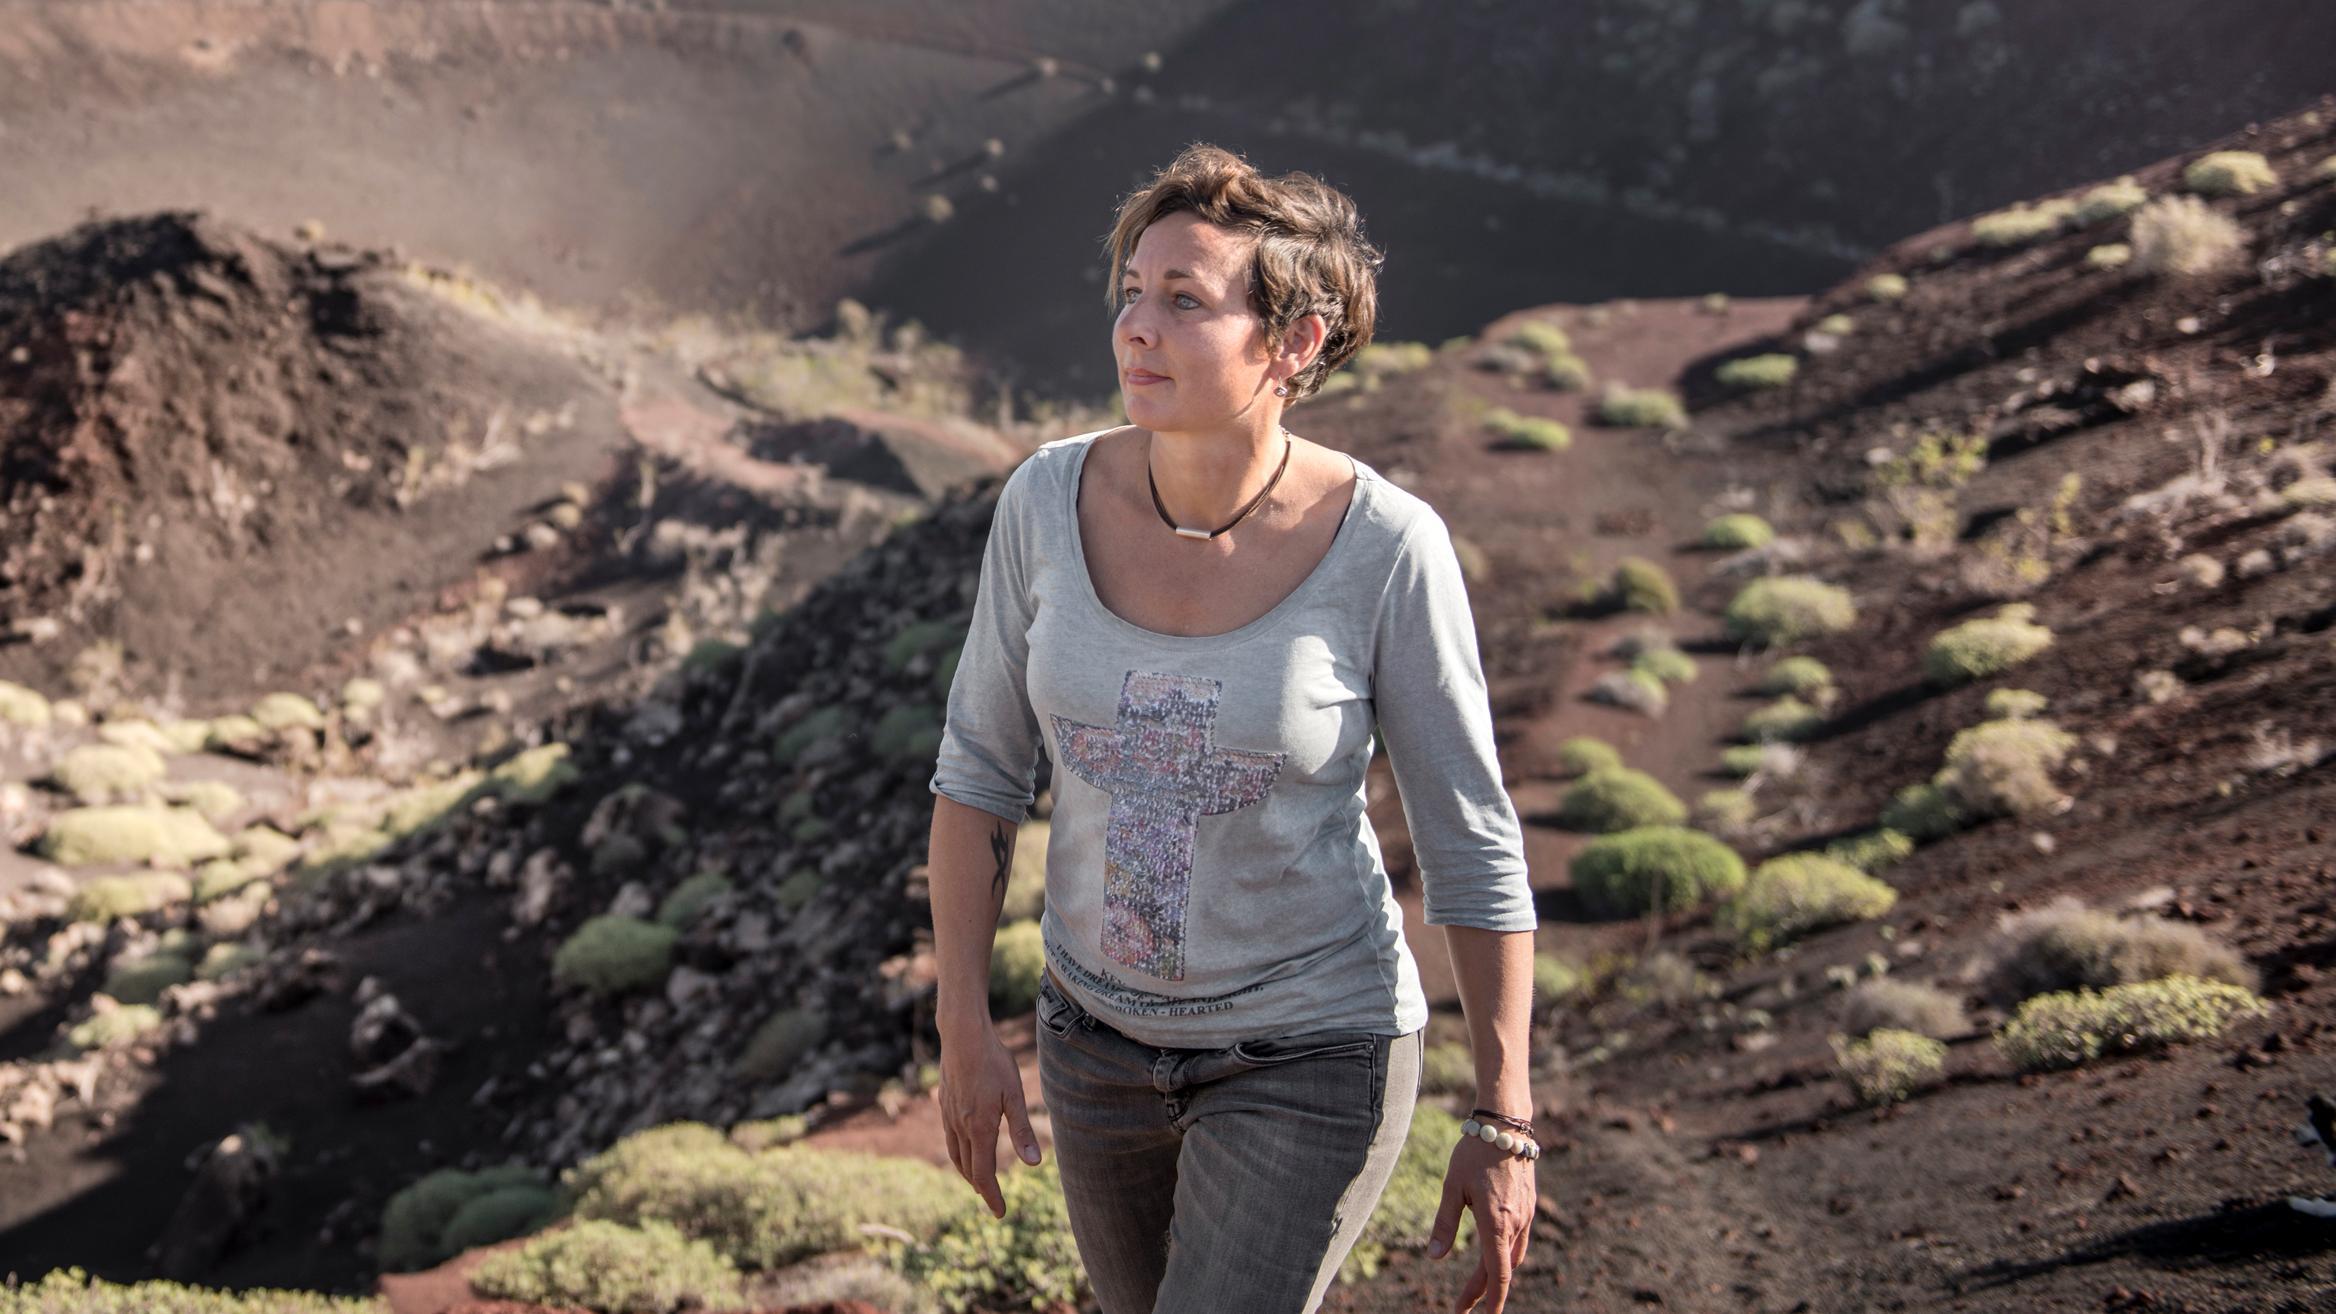 Juli Zeh wandert durch einen Krater